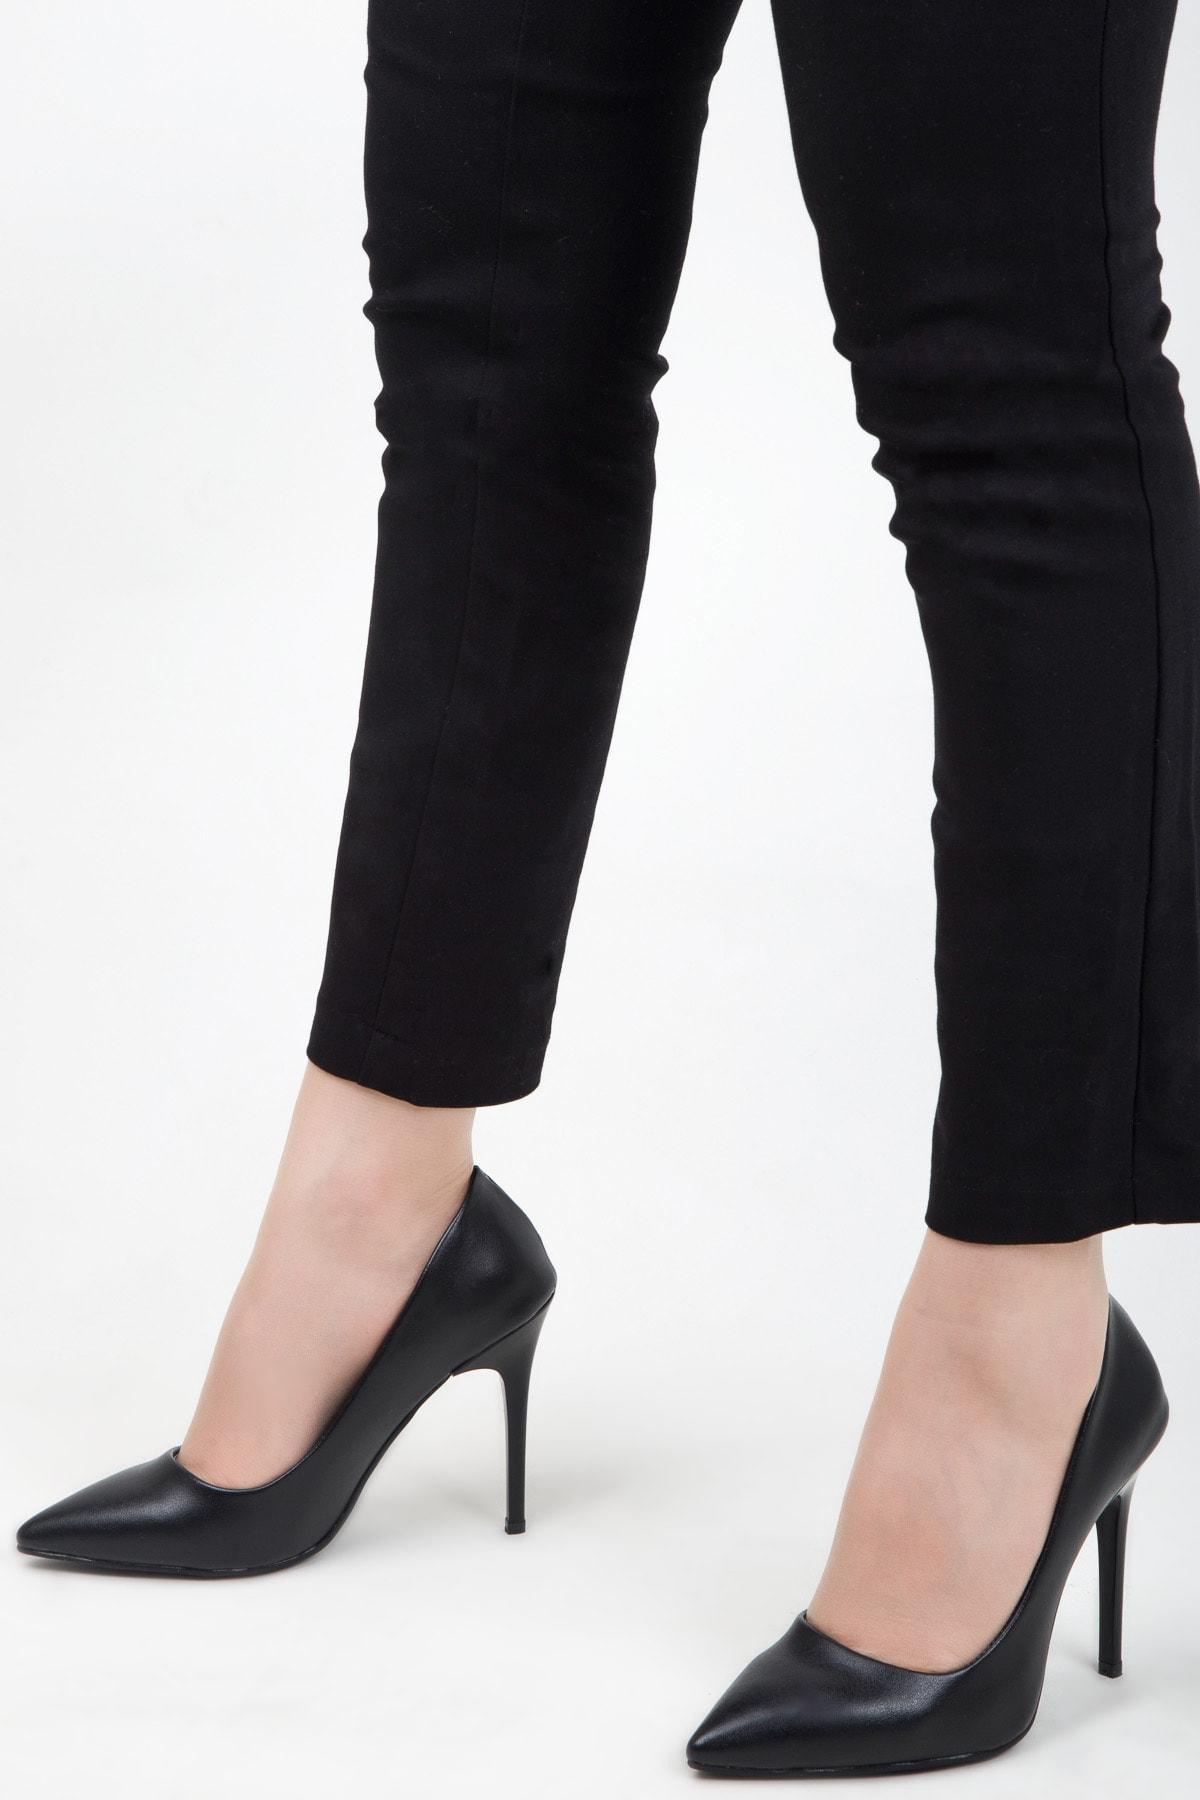 Kadın Cilt Topuklu Ayakkabı Siyah